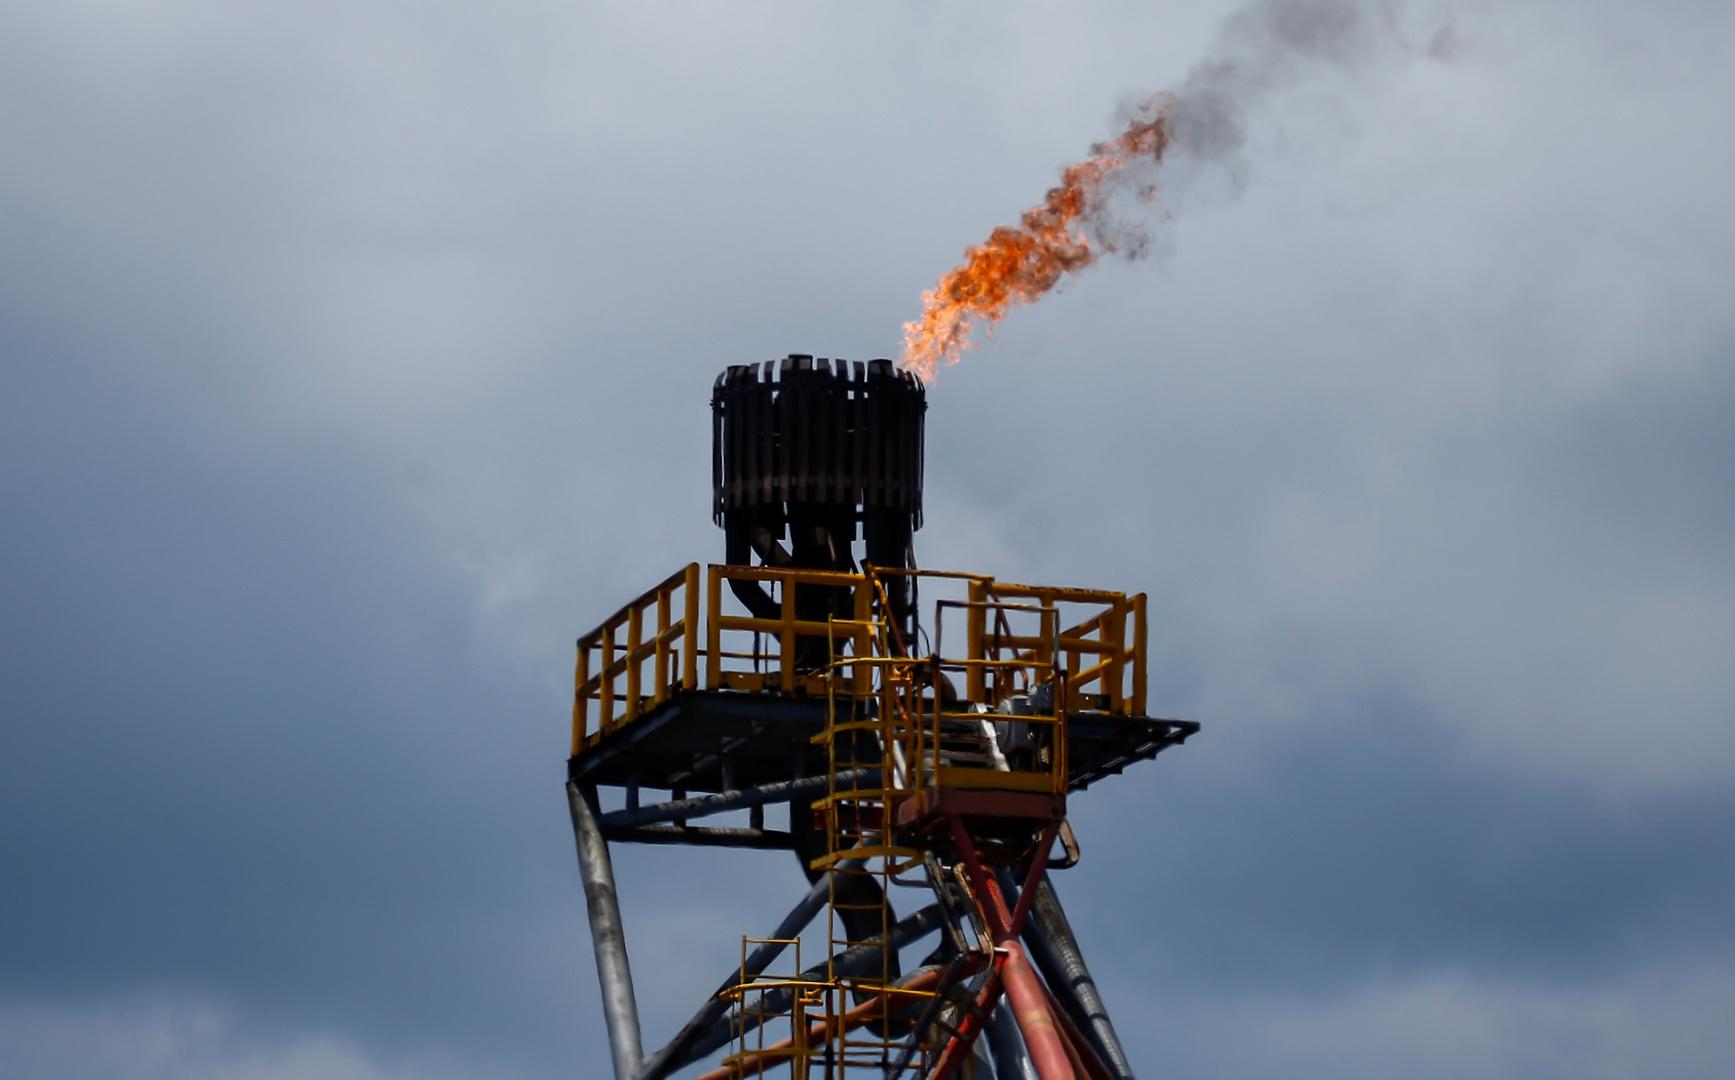 النفط يواصل الصعود بعد تقرير لوكالة الطاقة الدولية